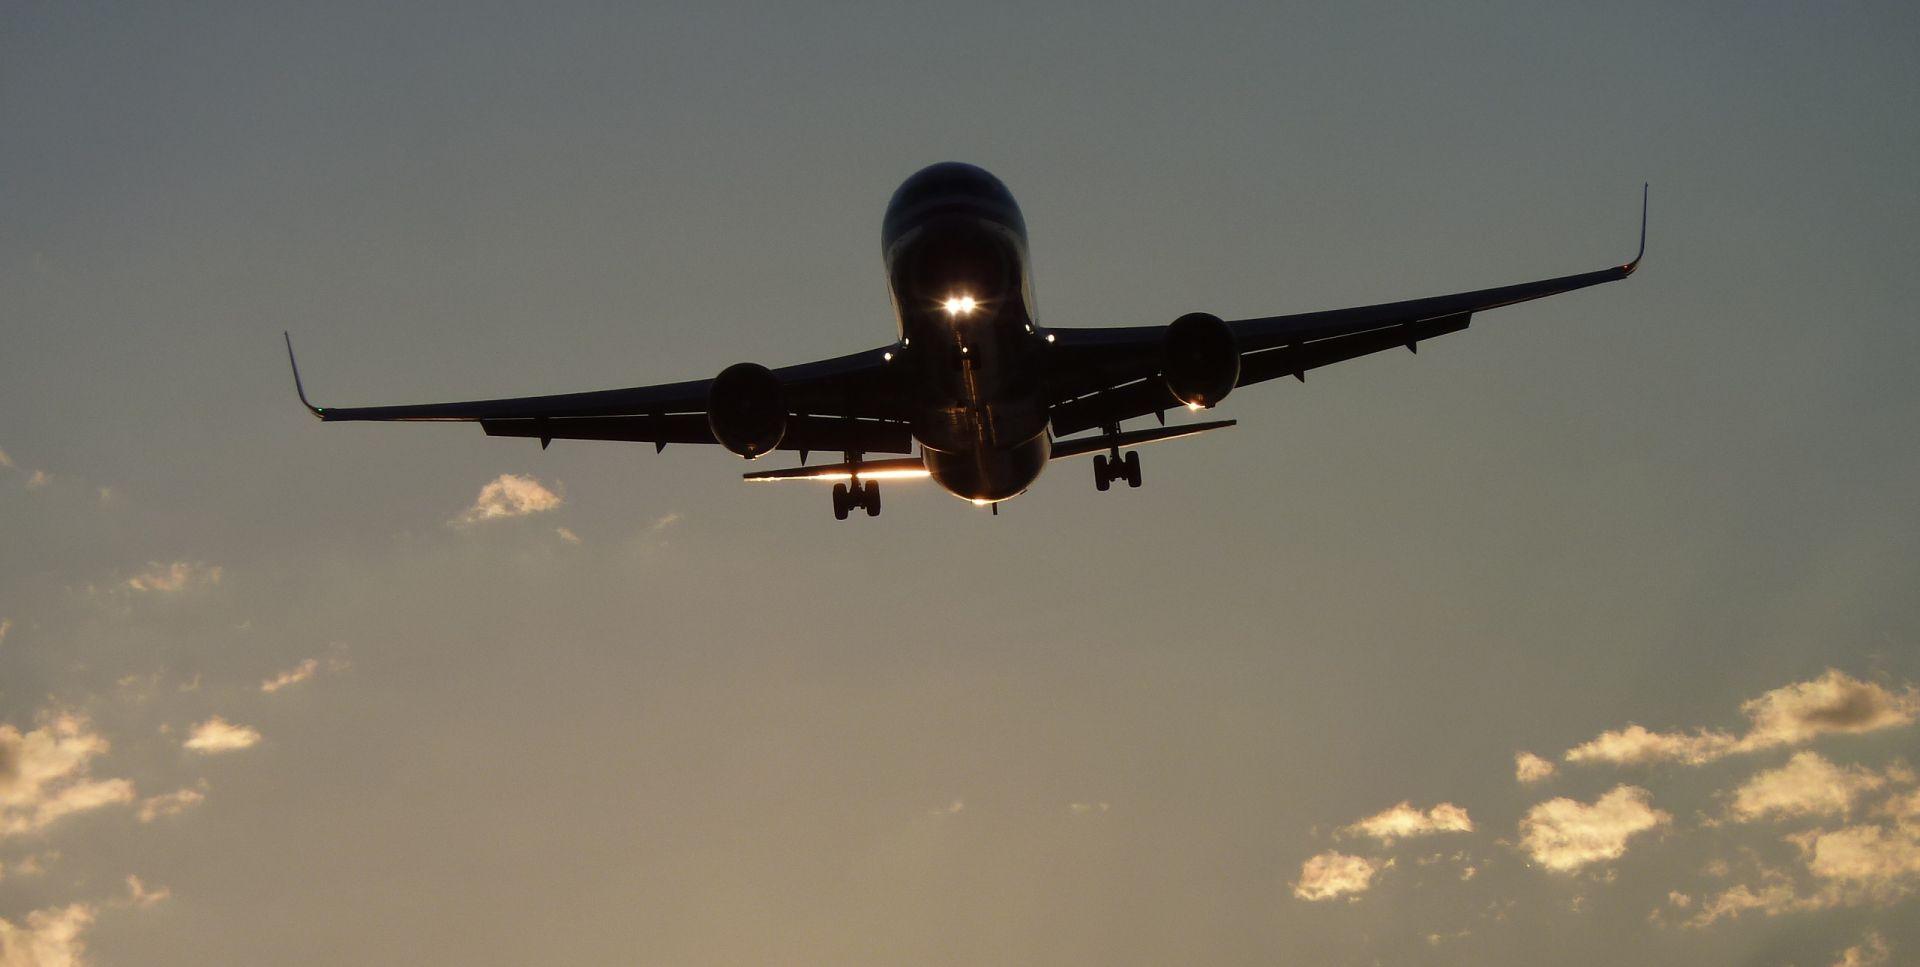 TURSKI ZRAKOPLOV PREUSMJEREN U IRSKU Nije pronađen eksploziv, avion nastavlja prema Istanbulu